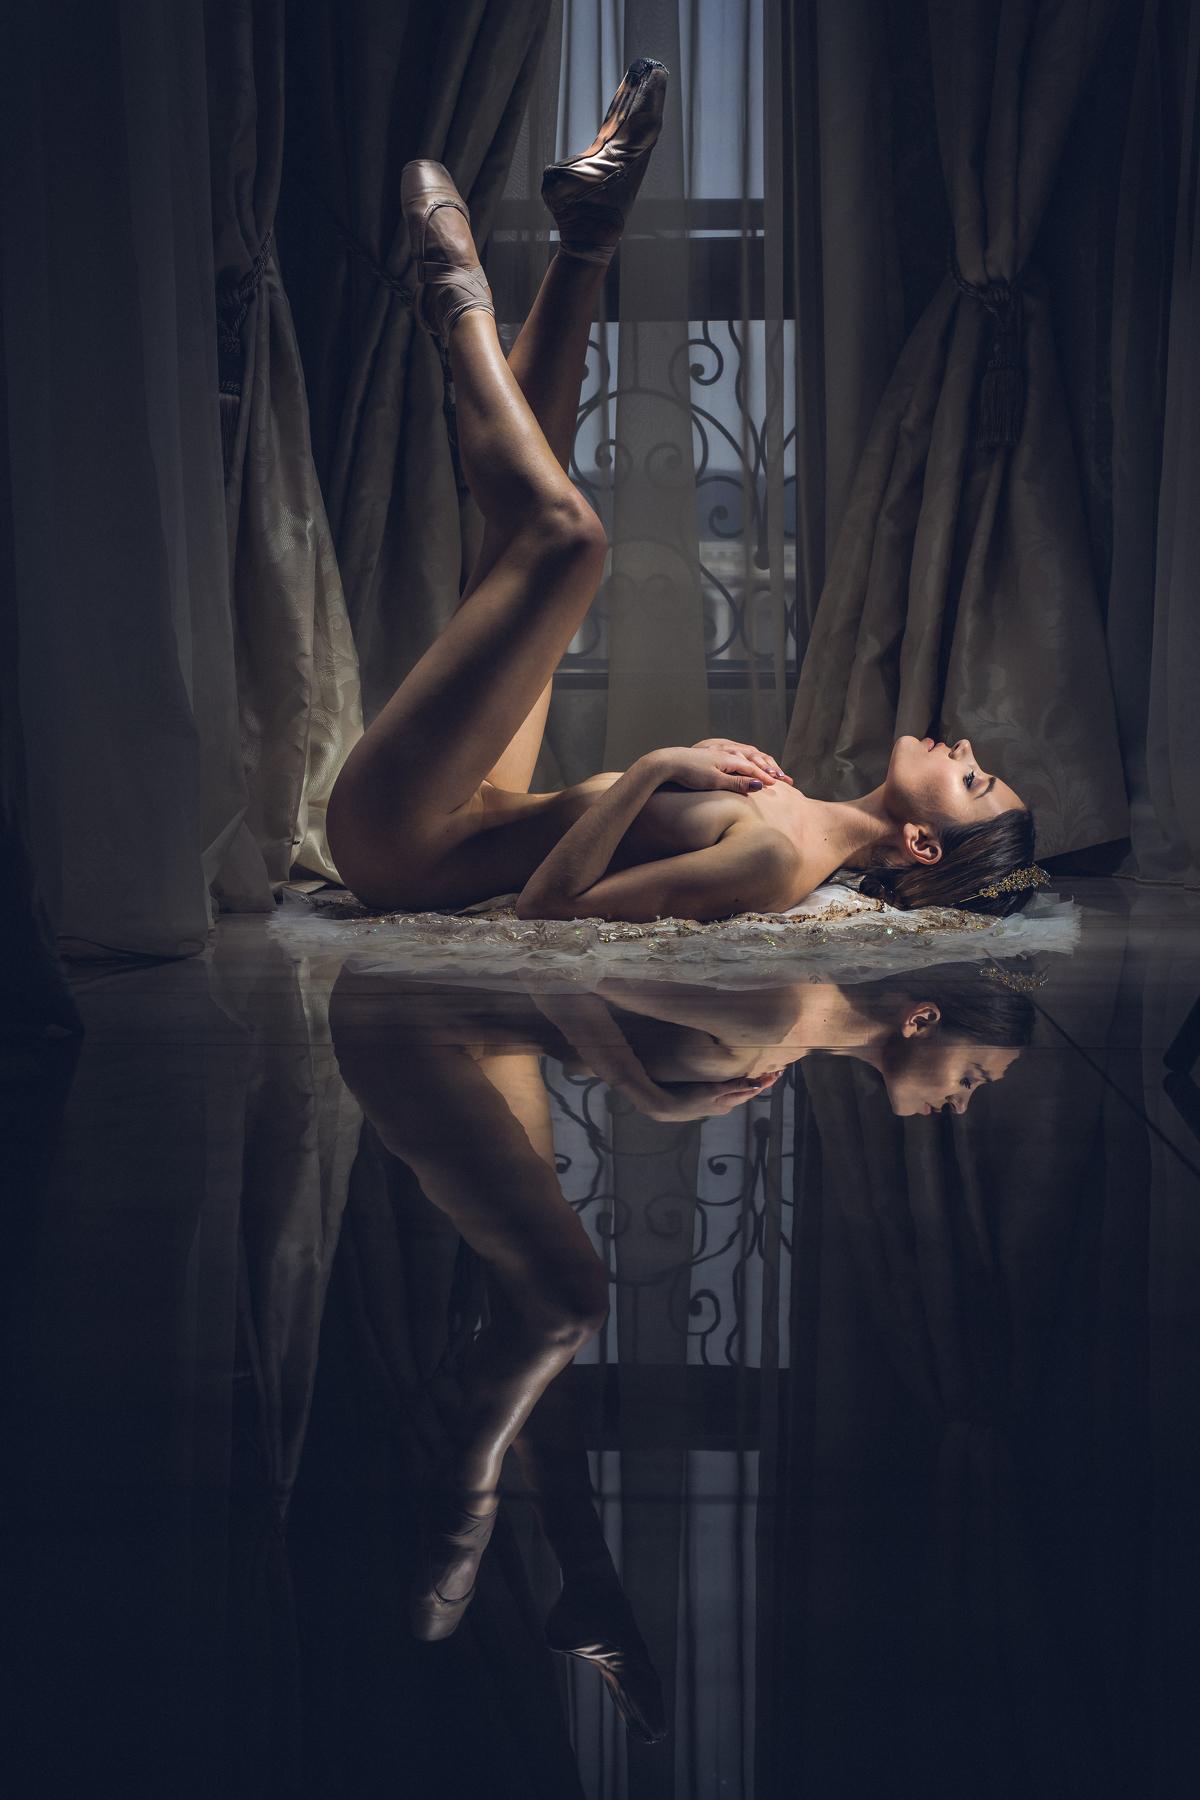 Яна / фотограф Иван Славов